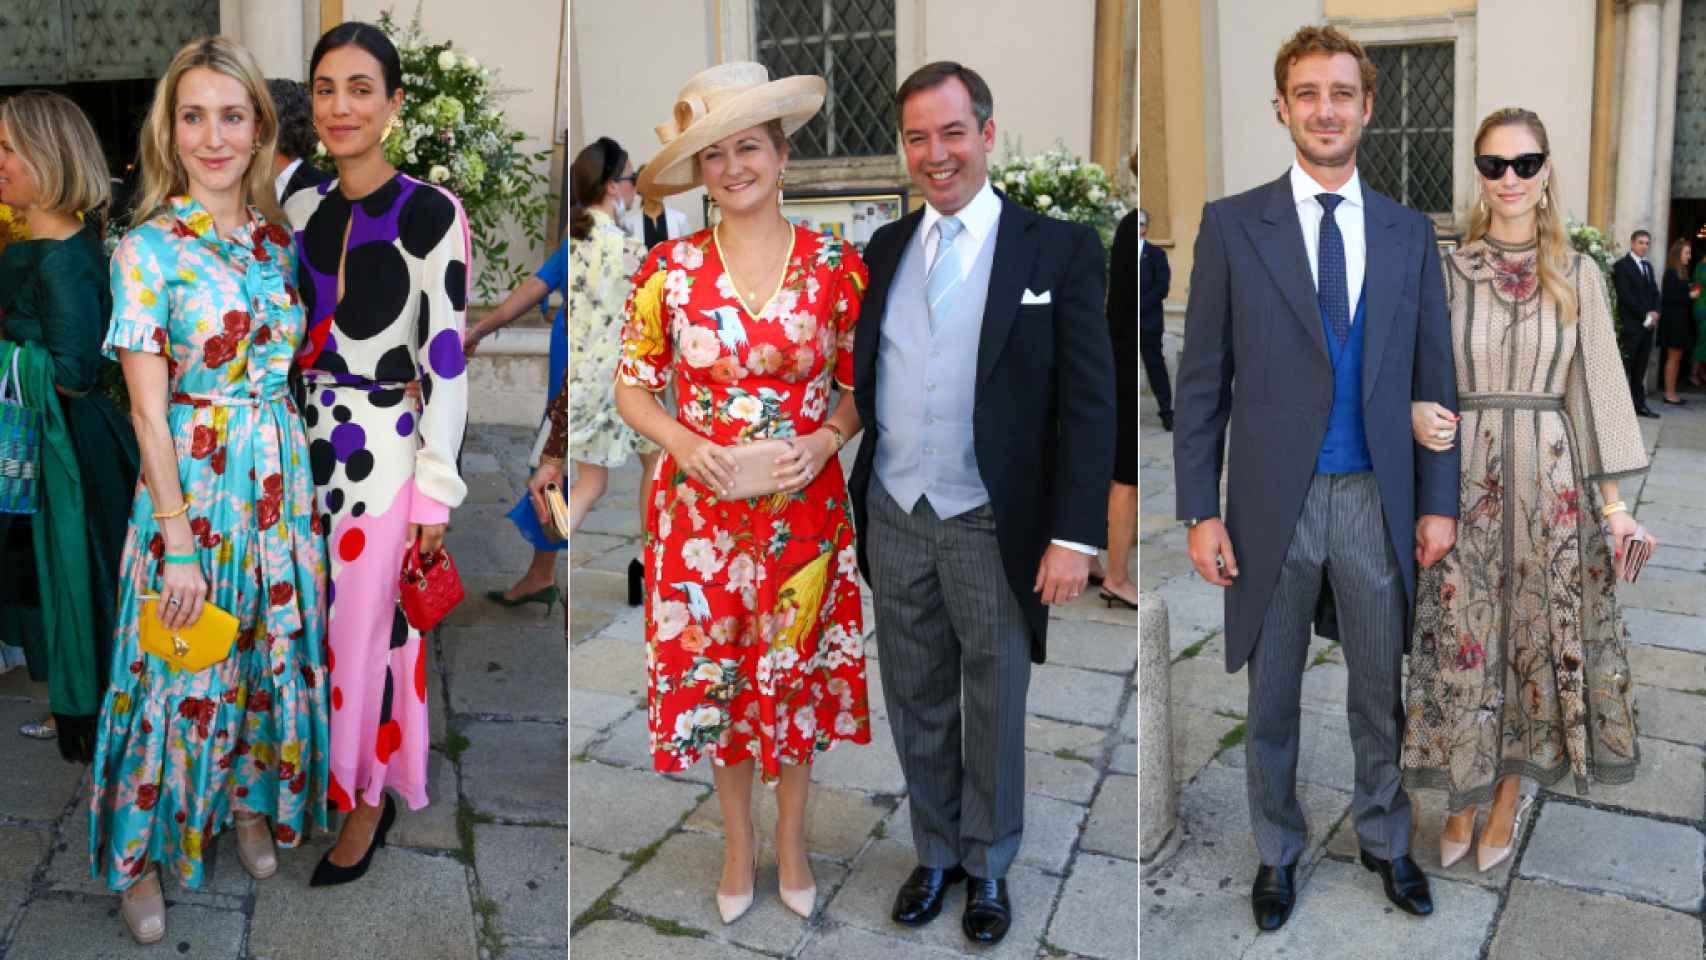 Invitados a la boda de Anunciata de Liechtenstein y Emanuele Musini.